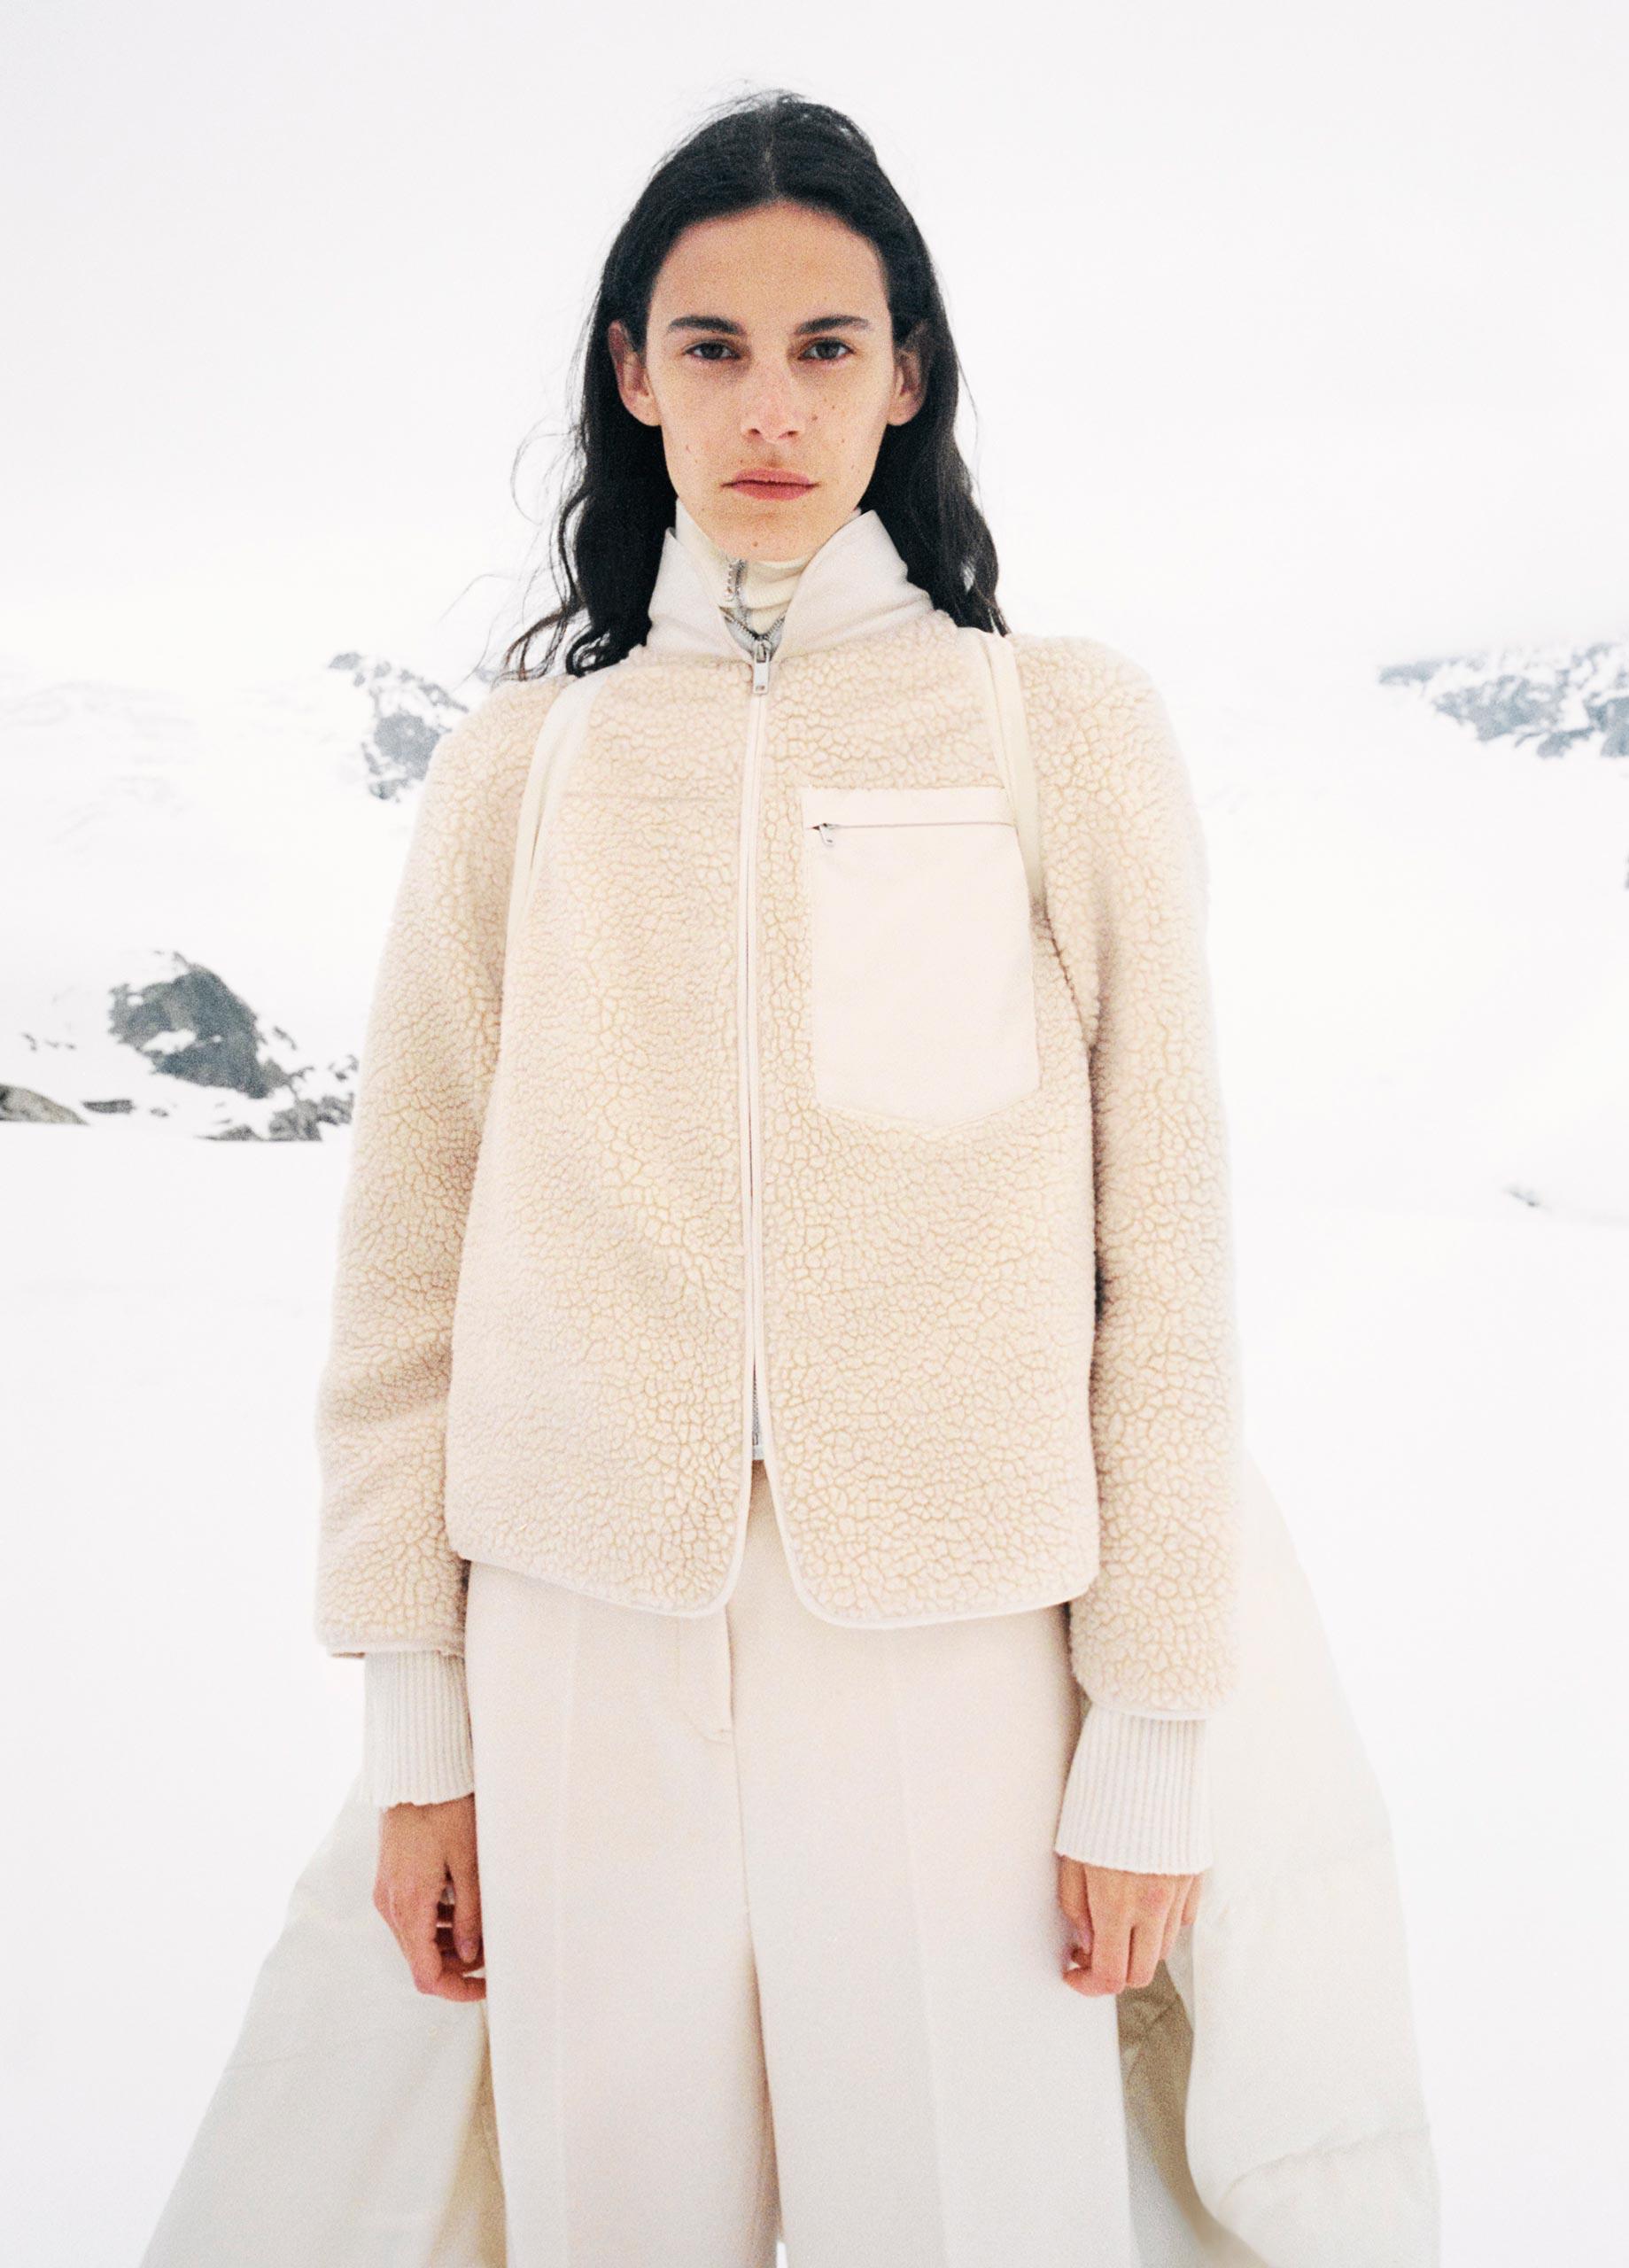 JIL SANDER+ Fall/Winter 2020